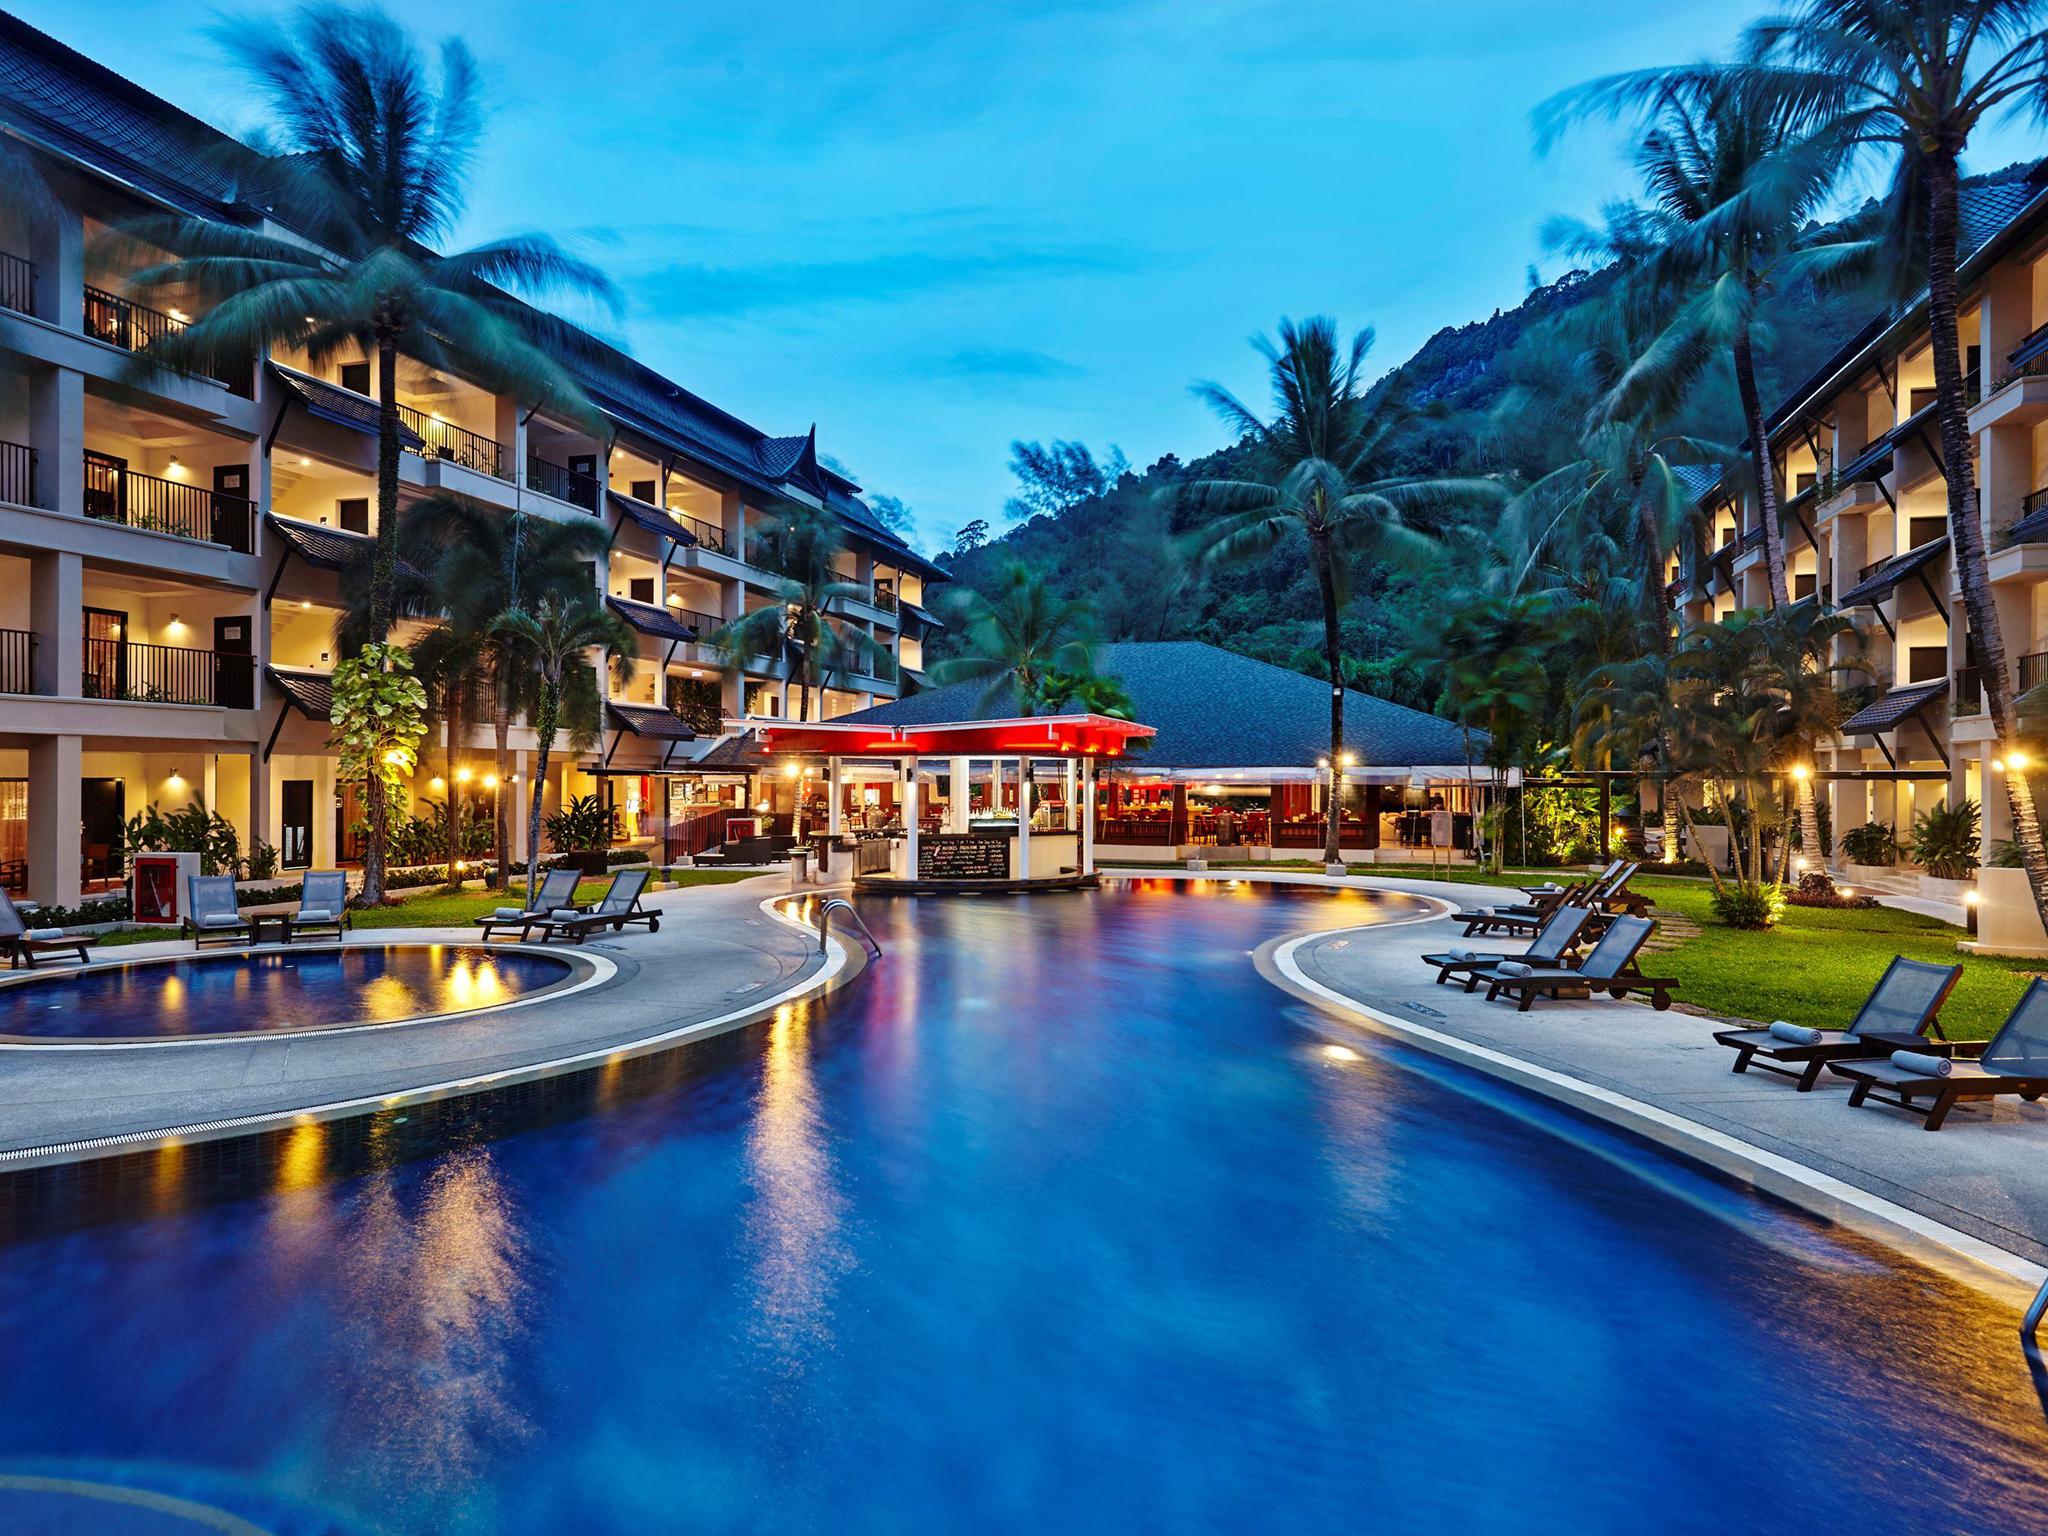 酒店 – 普吉岛卡马拉沙滩瑞士度假酒店